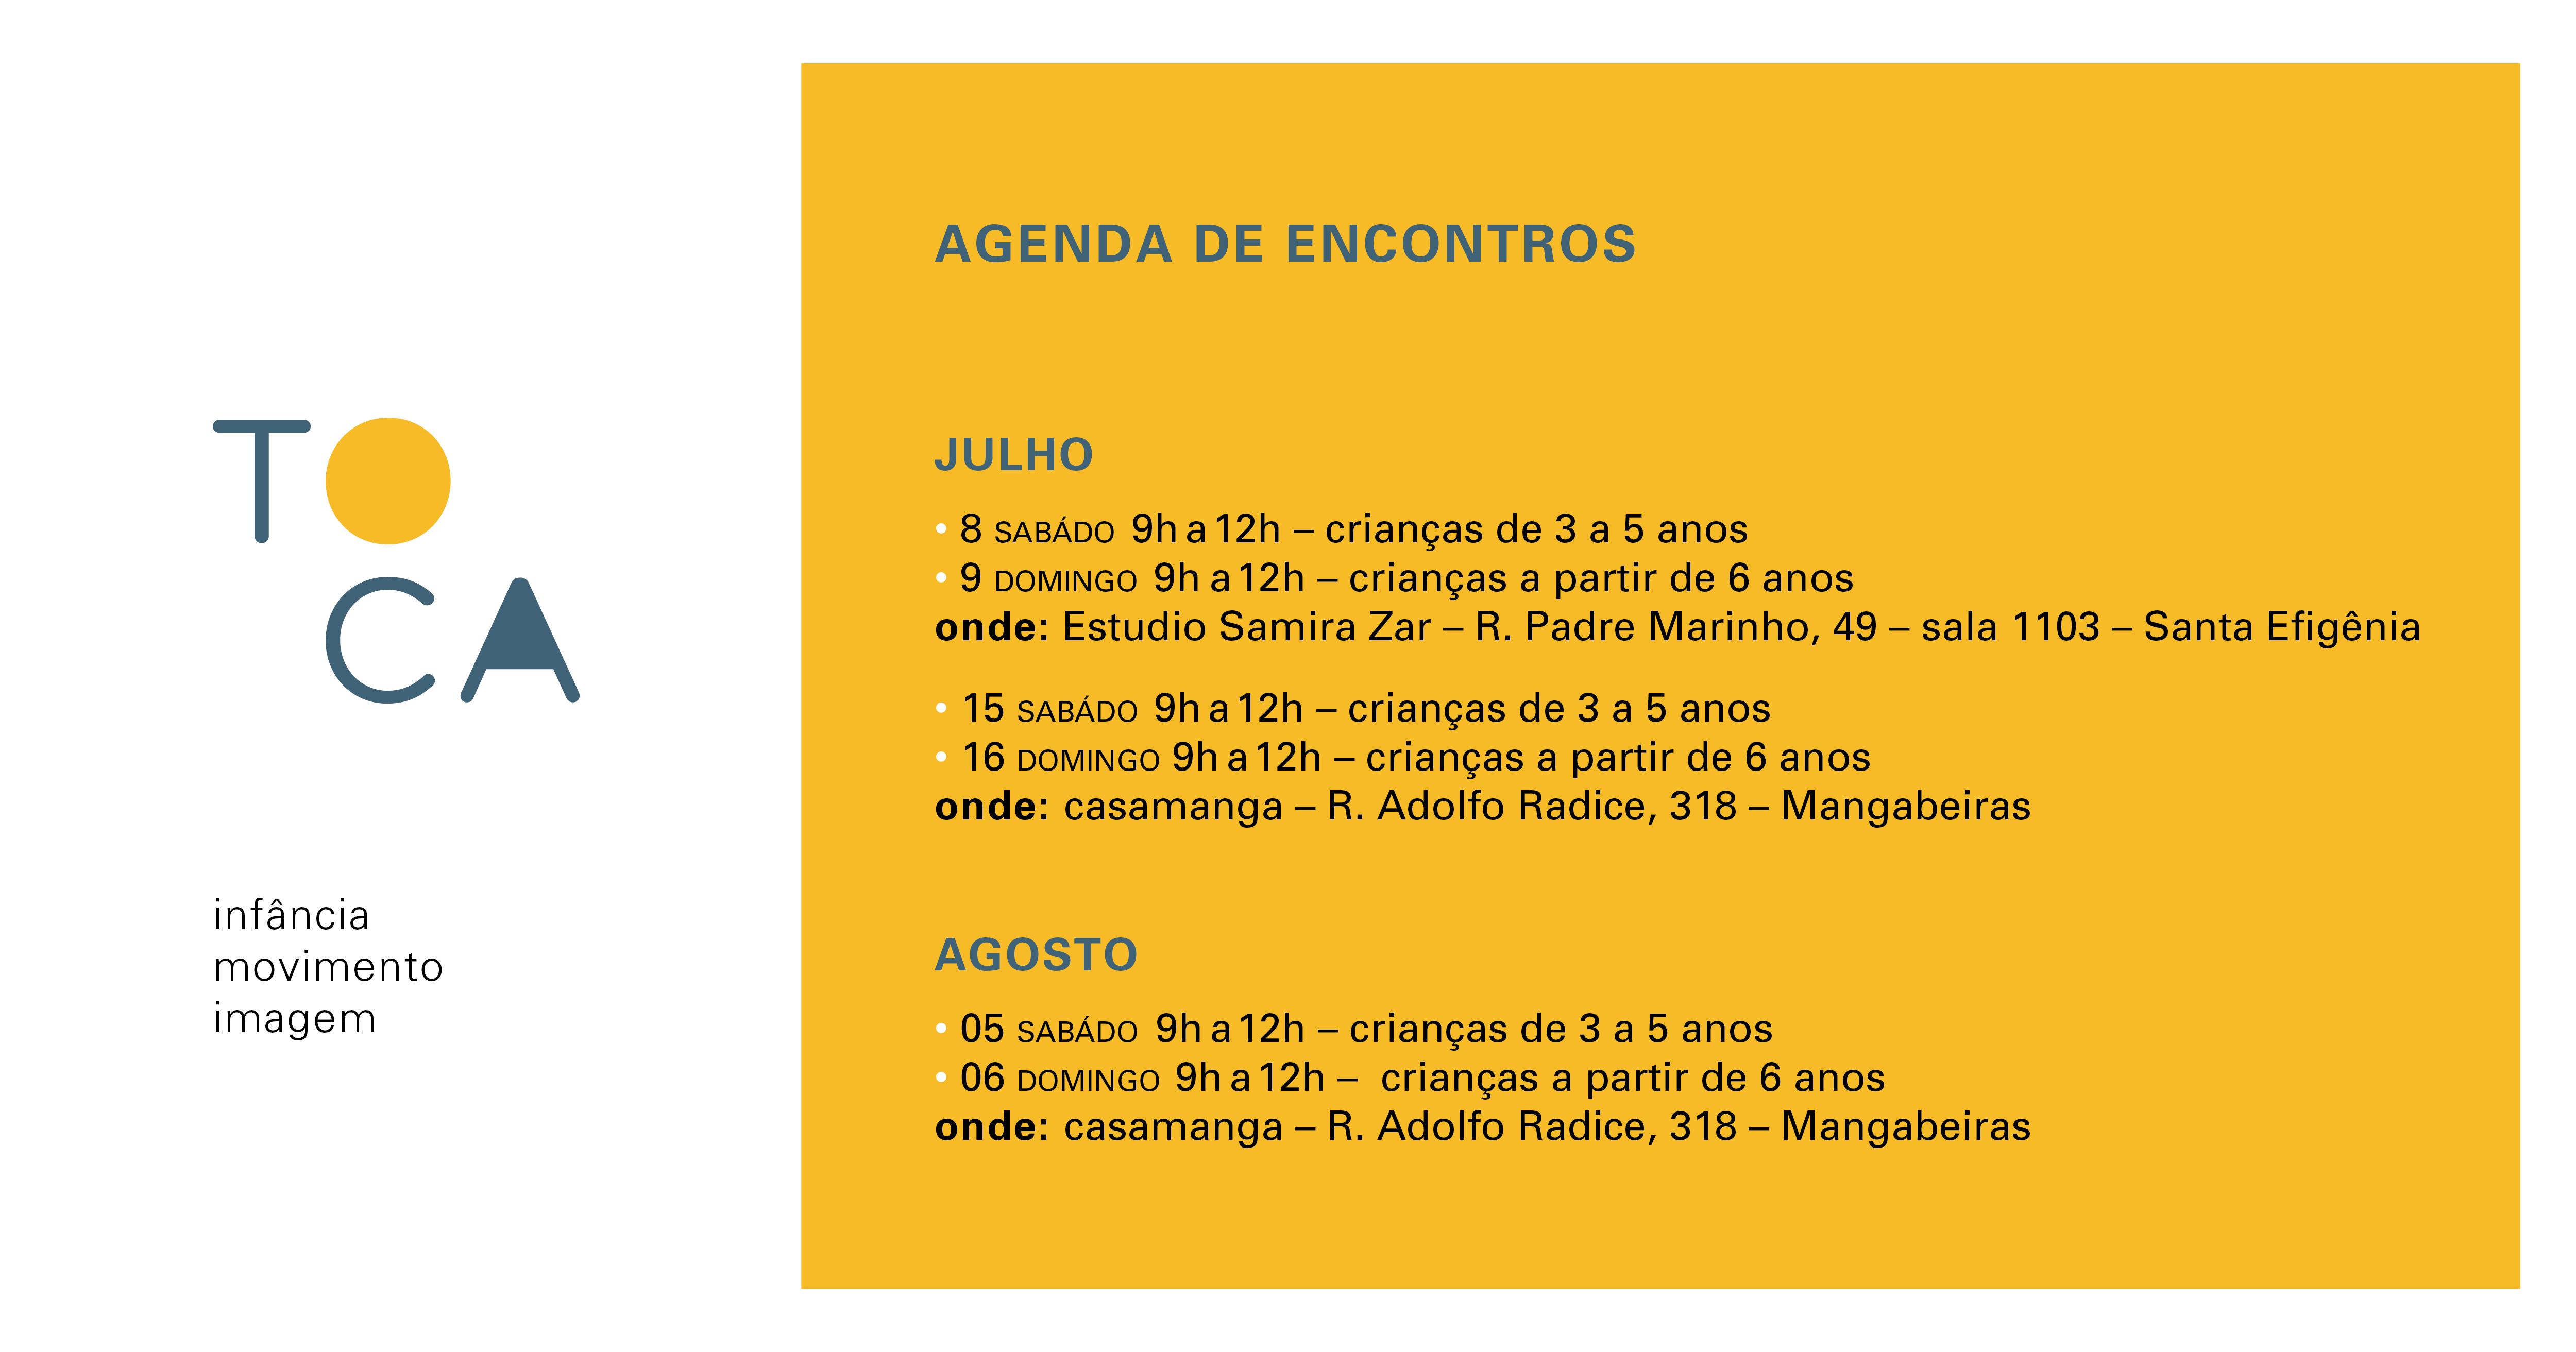 agenda pra facebook